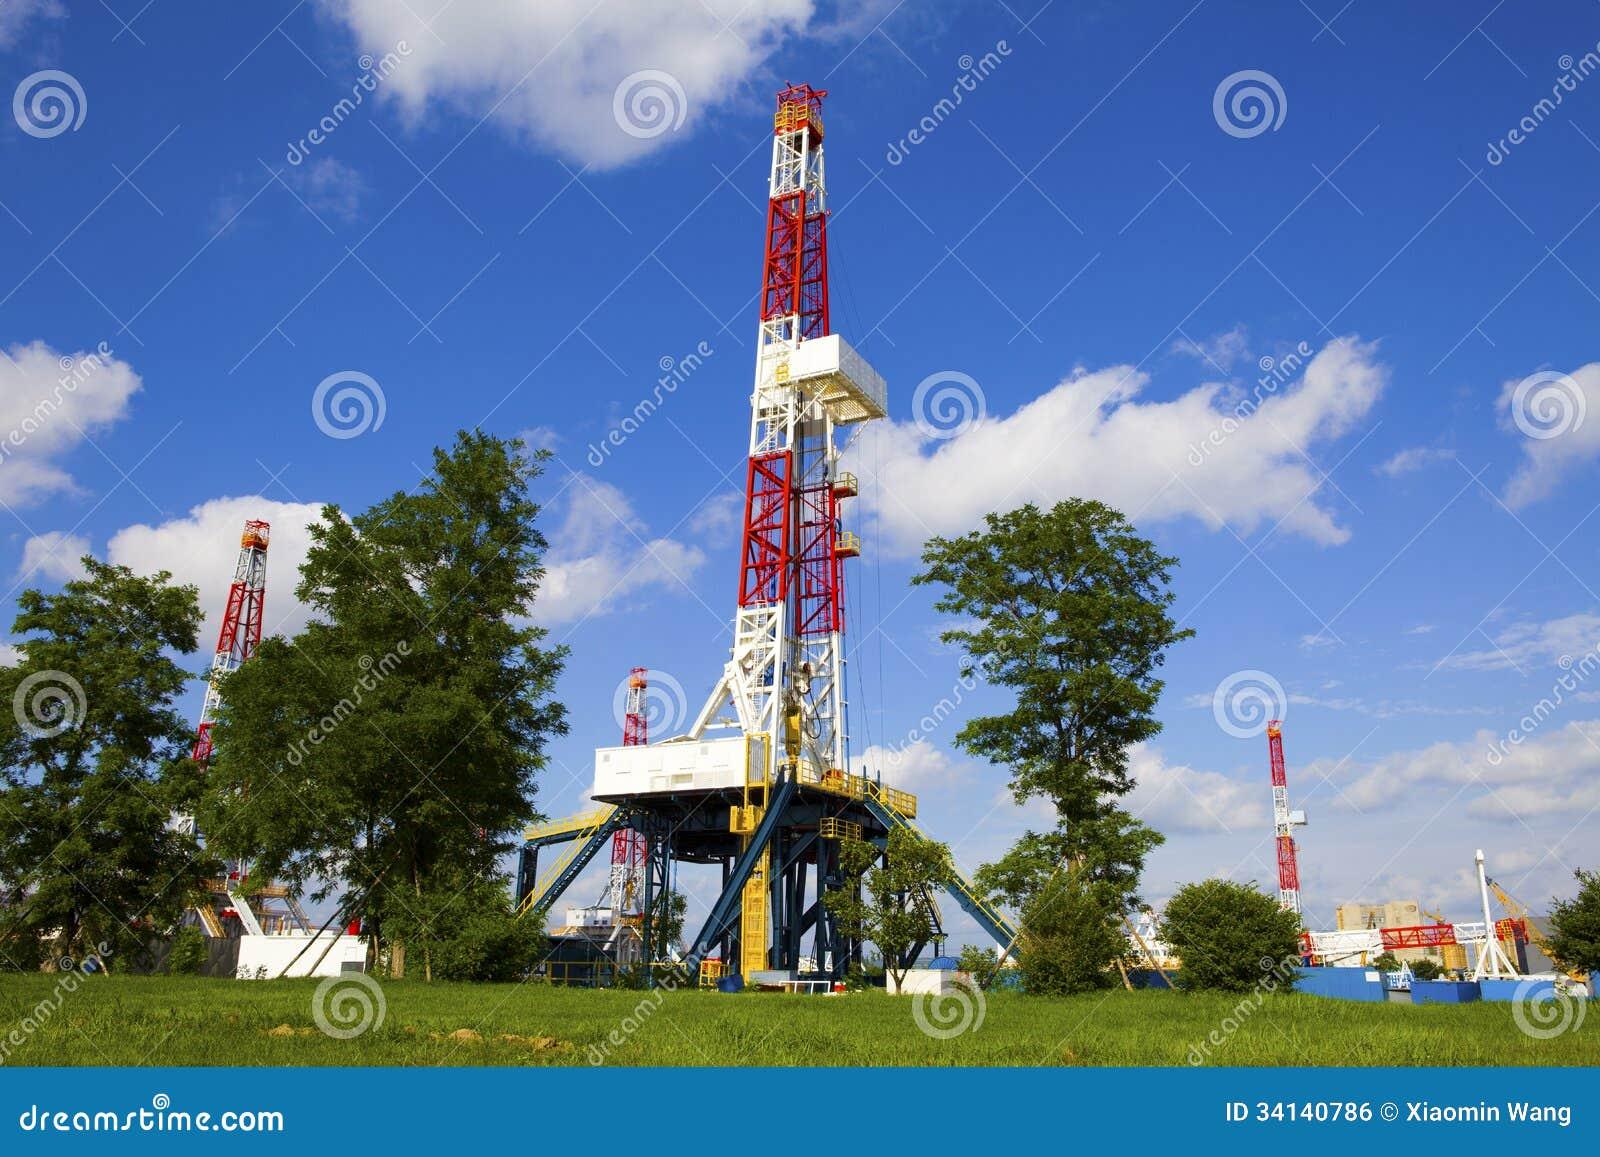 Φορτωτήρας πετρελαίου